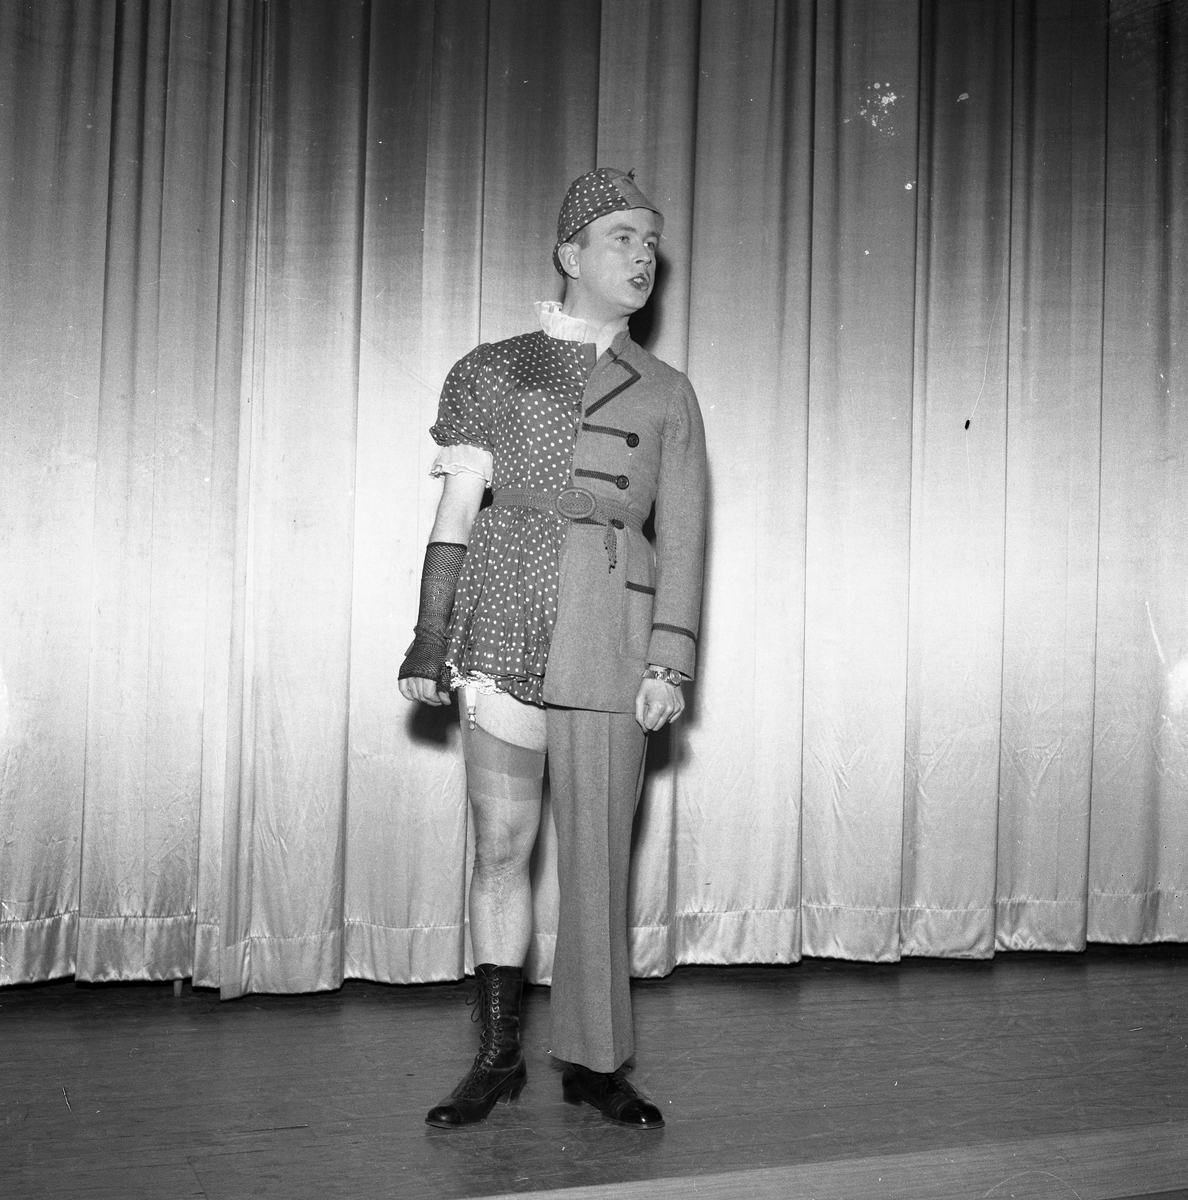 """En av de tre """"Runarna"""" i en sketch. Han bär en uniform delad på längden. Den andra klädhalvan är en klänning."""